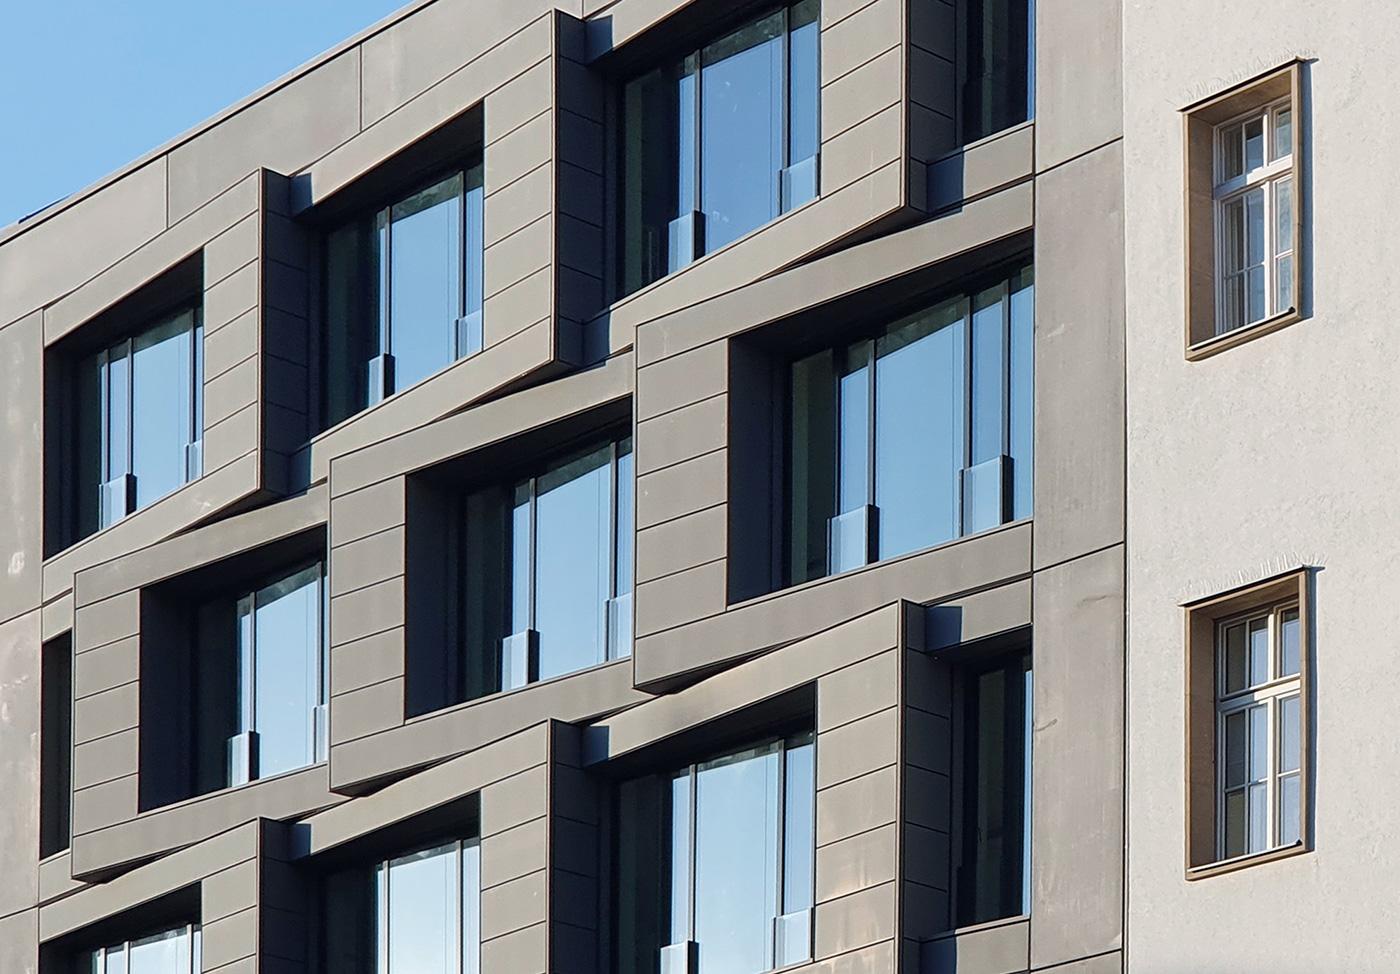 Neubau eines Bürogebäudes neben dem alten Postamt in Berlin-Kreuzberg